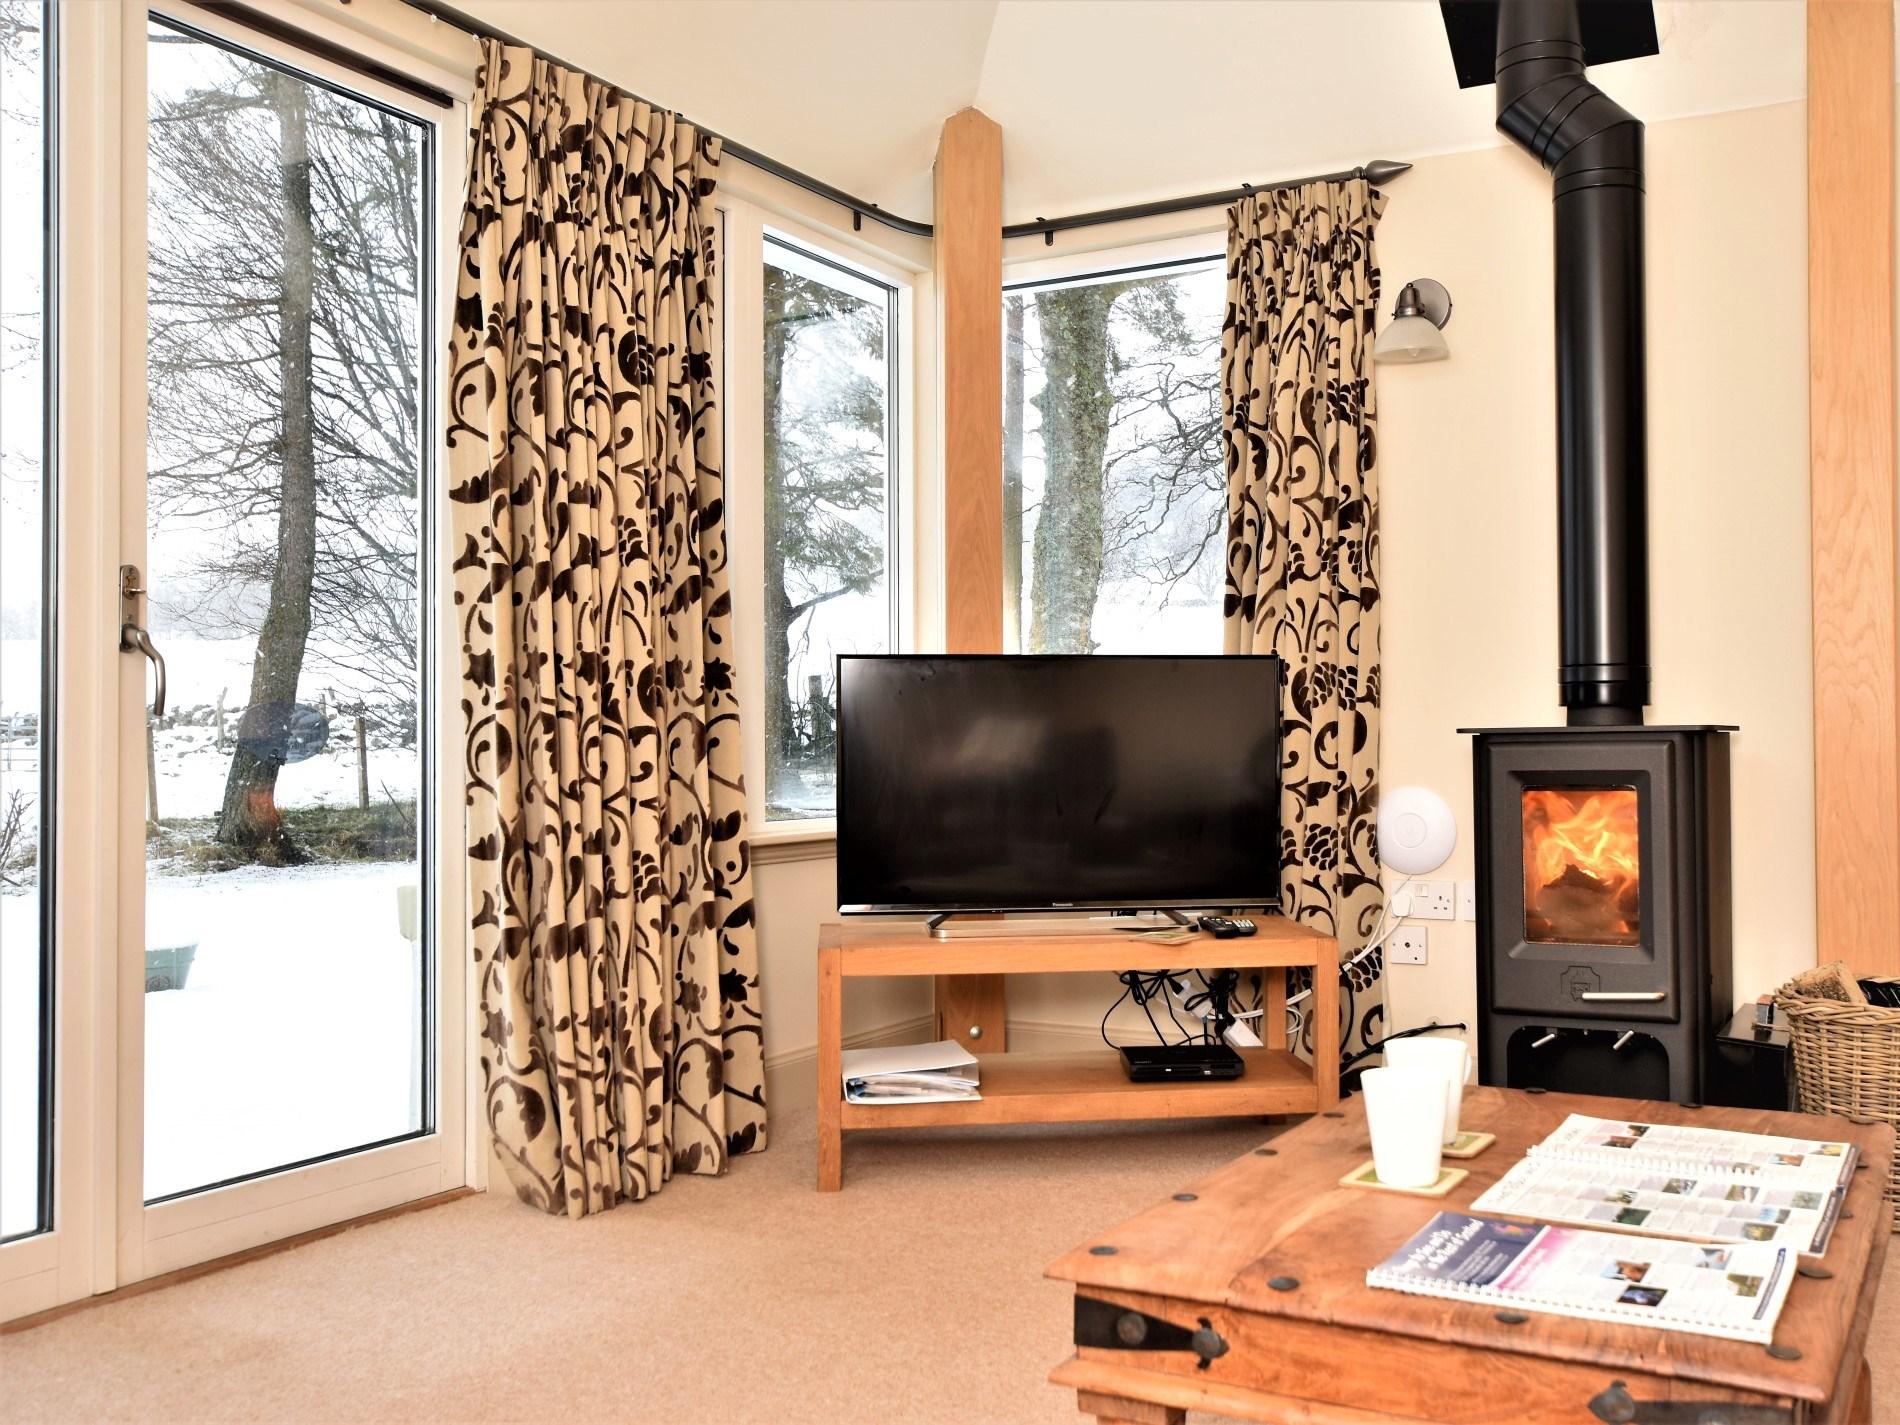 2 Bedroom Cottage in Kirriemuir, Perthshire, Angus & Fife